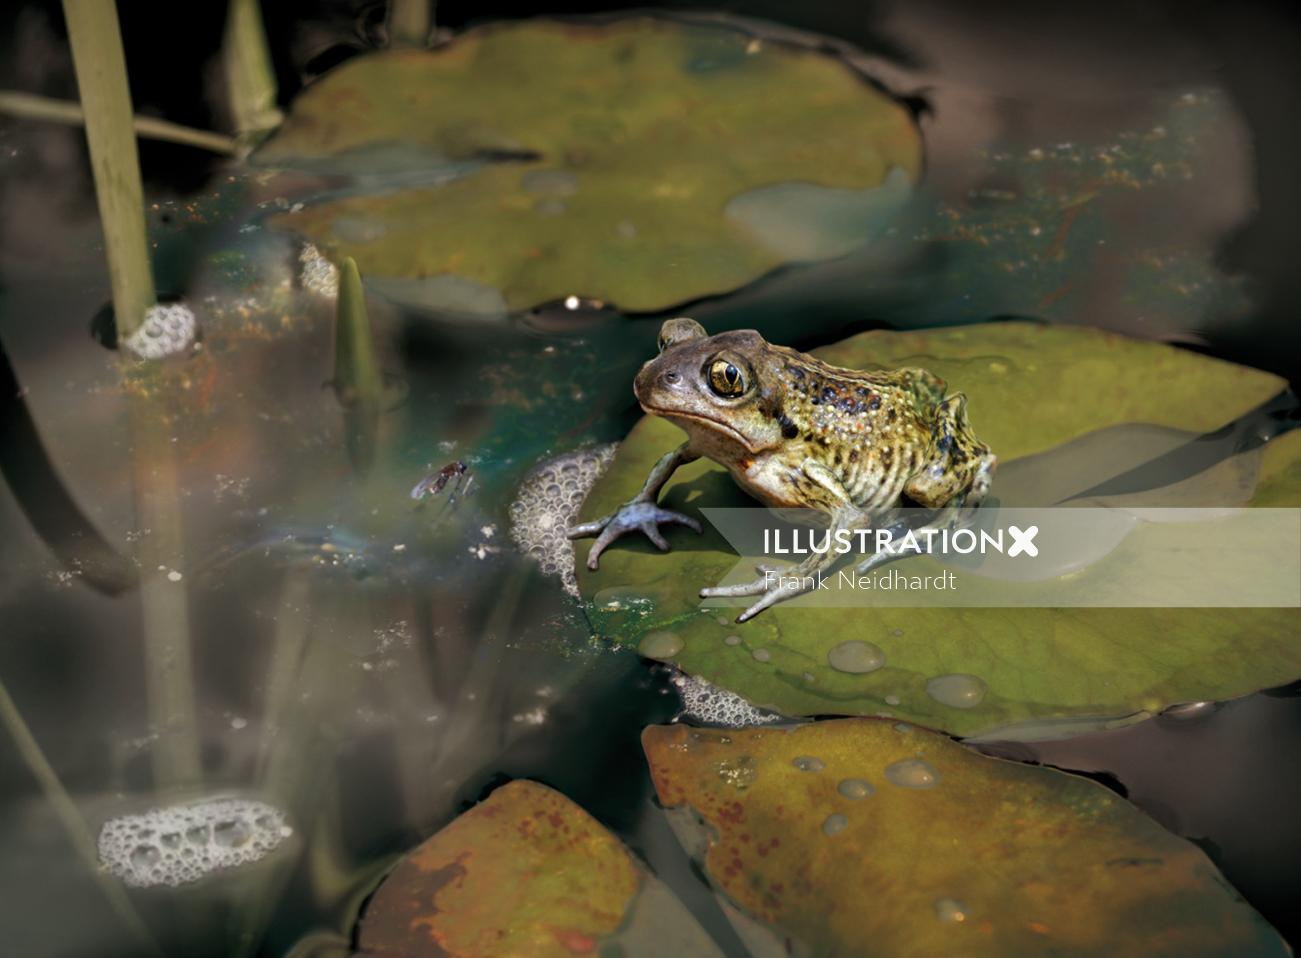 Depressed frog staring